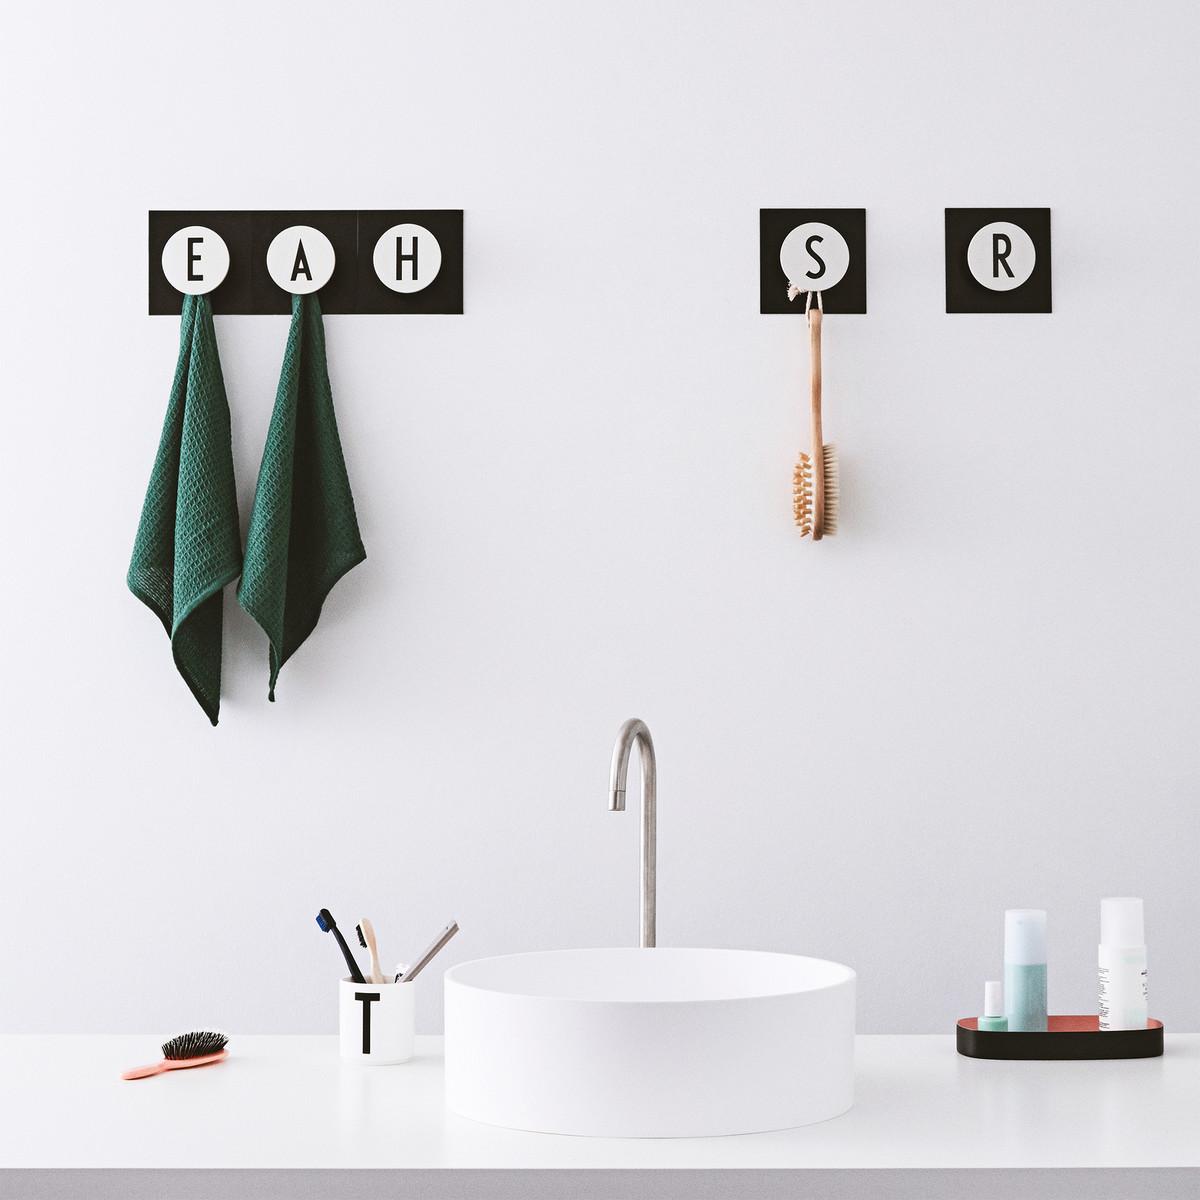 leo bella design letters arne jacobsen hook2 a z wall hooks. Black Bedroom Furniture Sets. Home Design Ideas